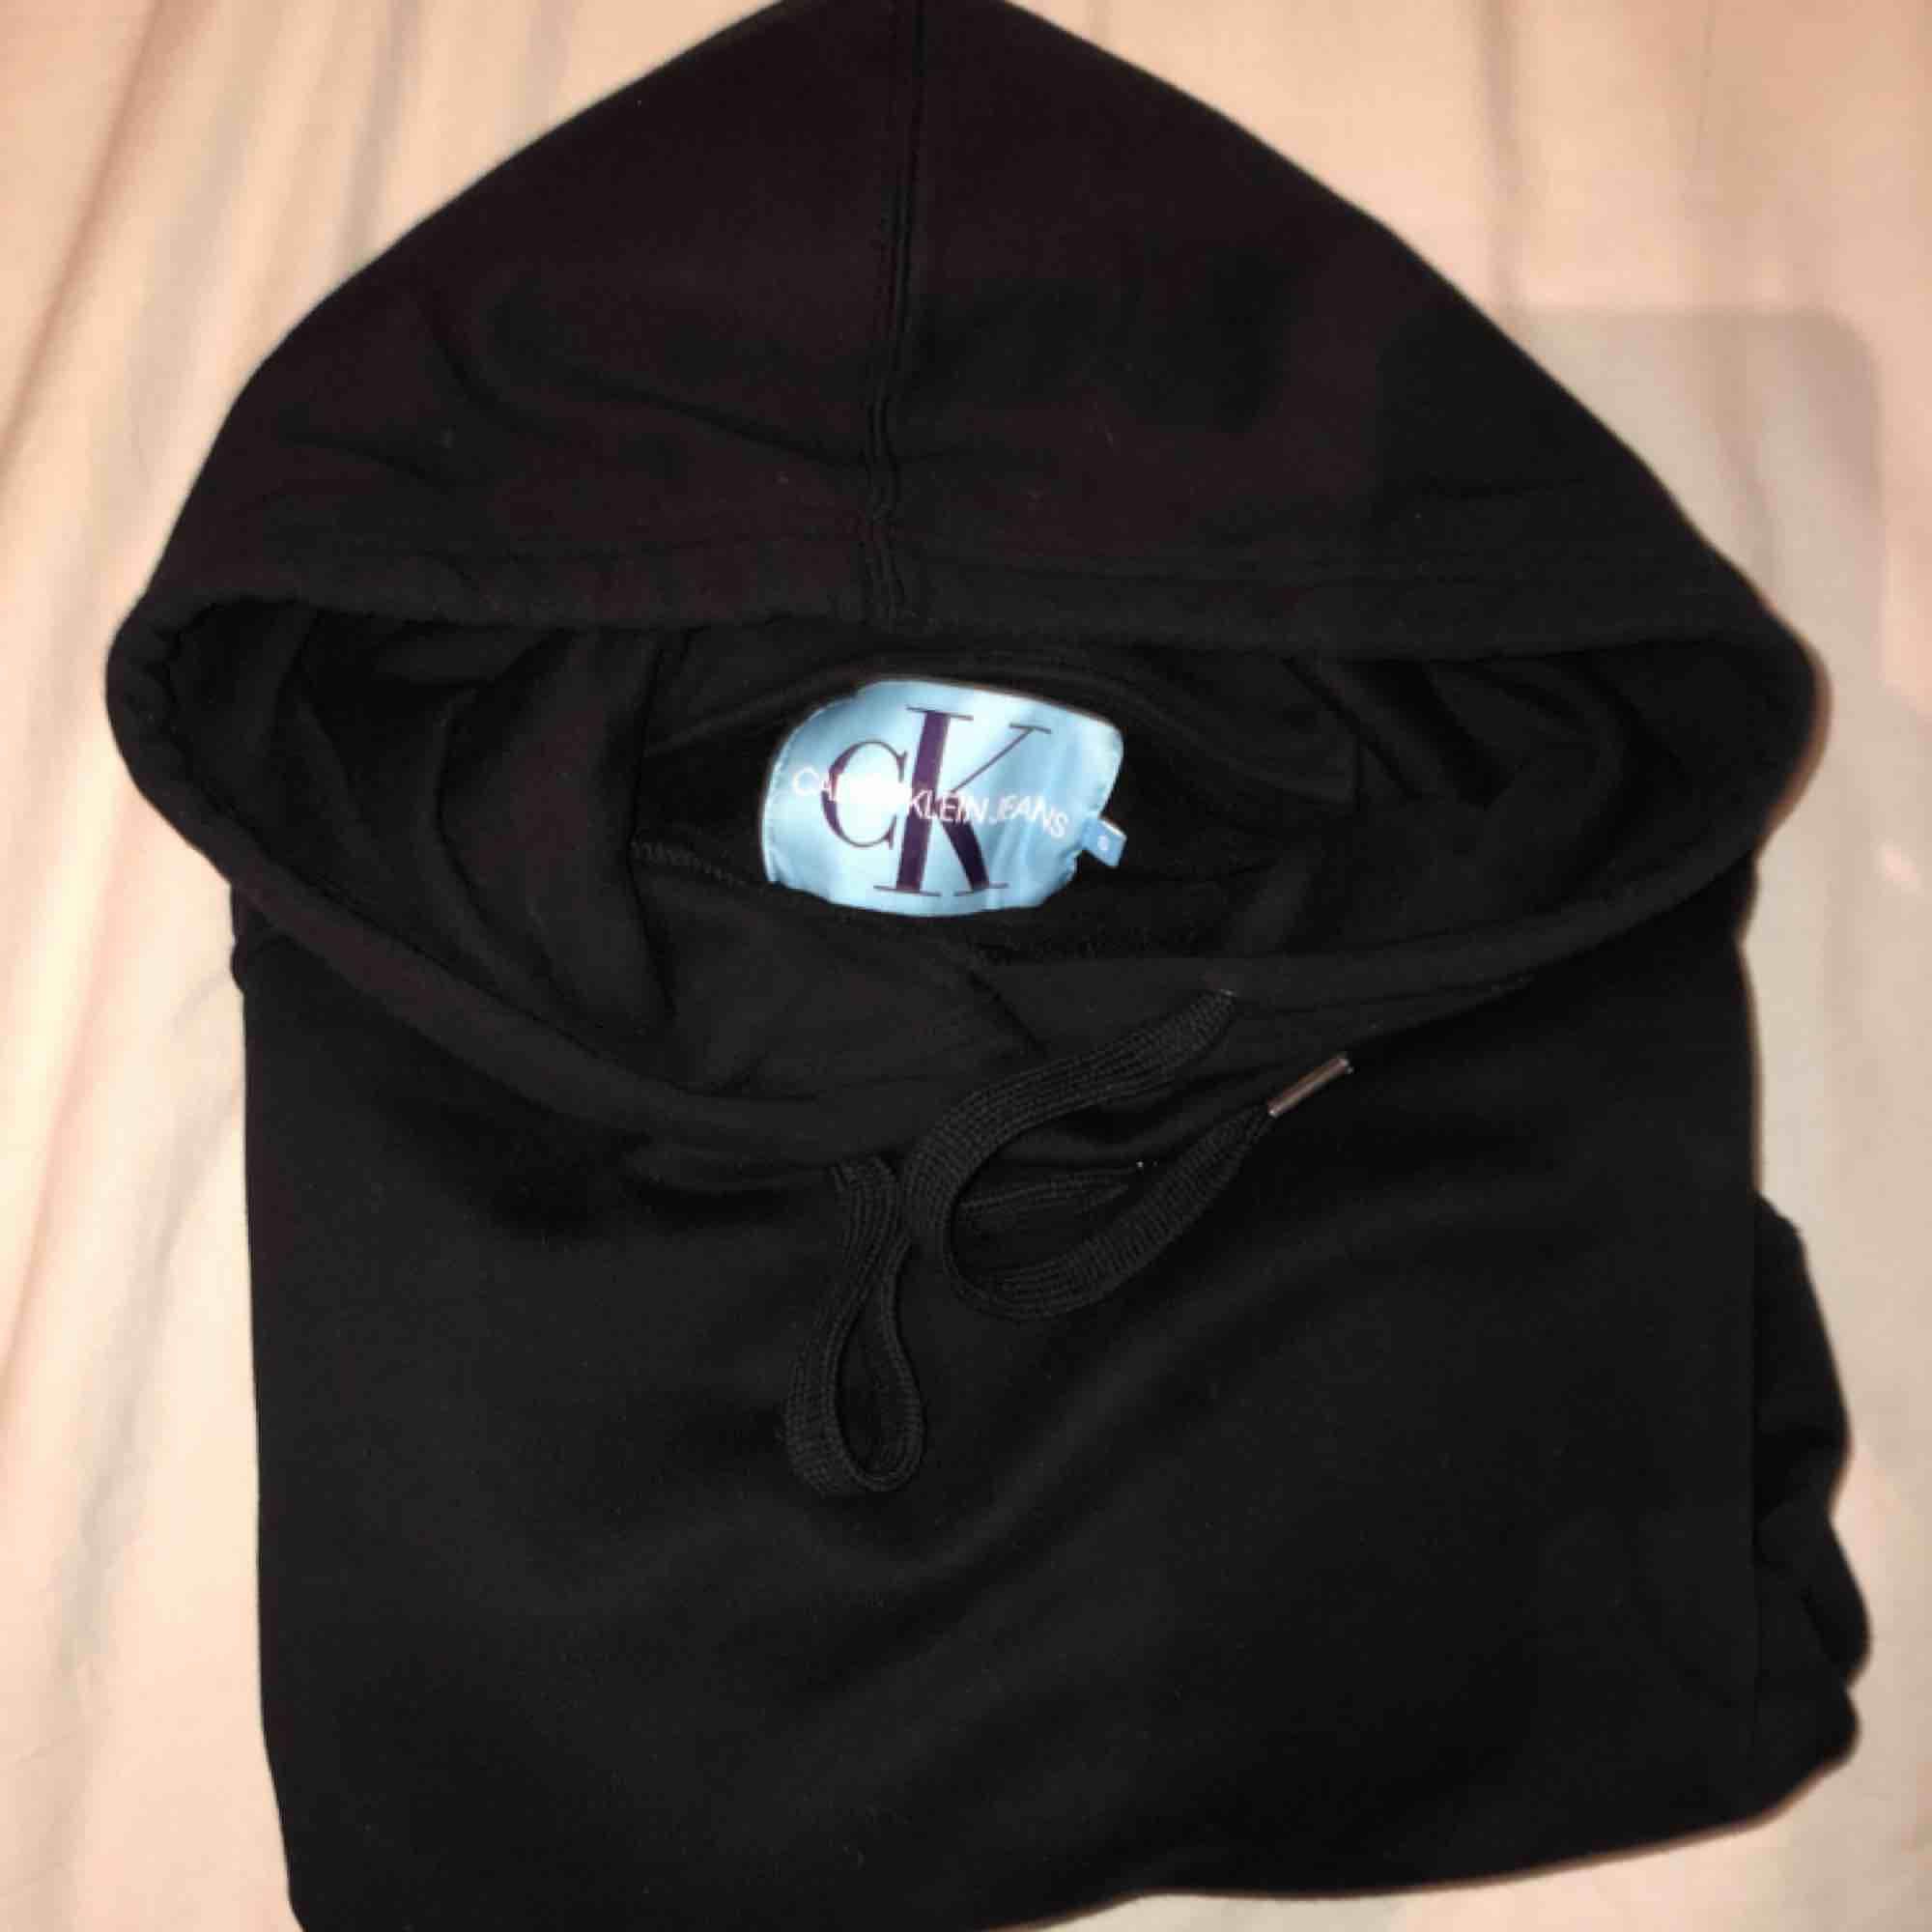 riktigt najs hoodie från Calvin Klein🔥 den är som ny, använd fåtal gånger. frakten ingår i priset💌. Huvtröjor & Träningströjor.